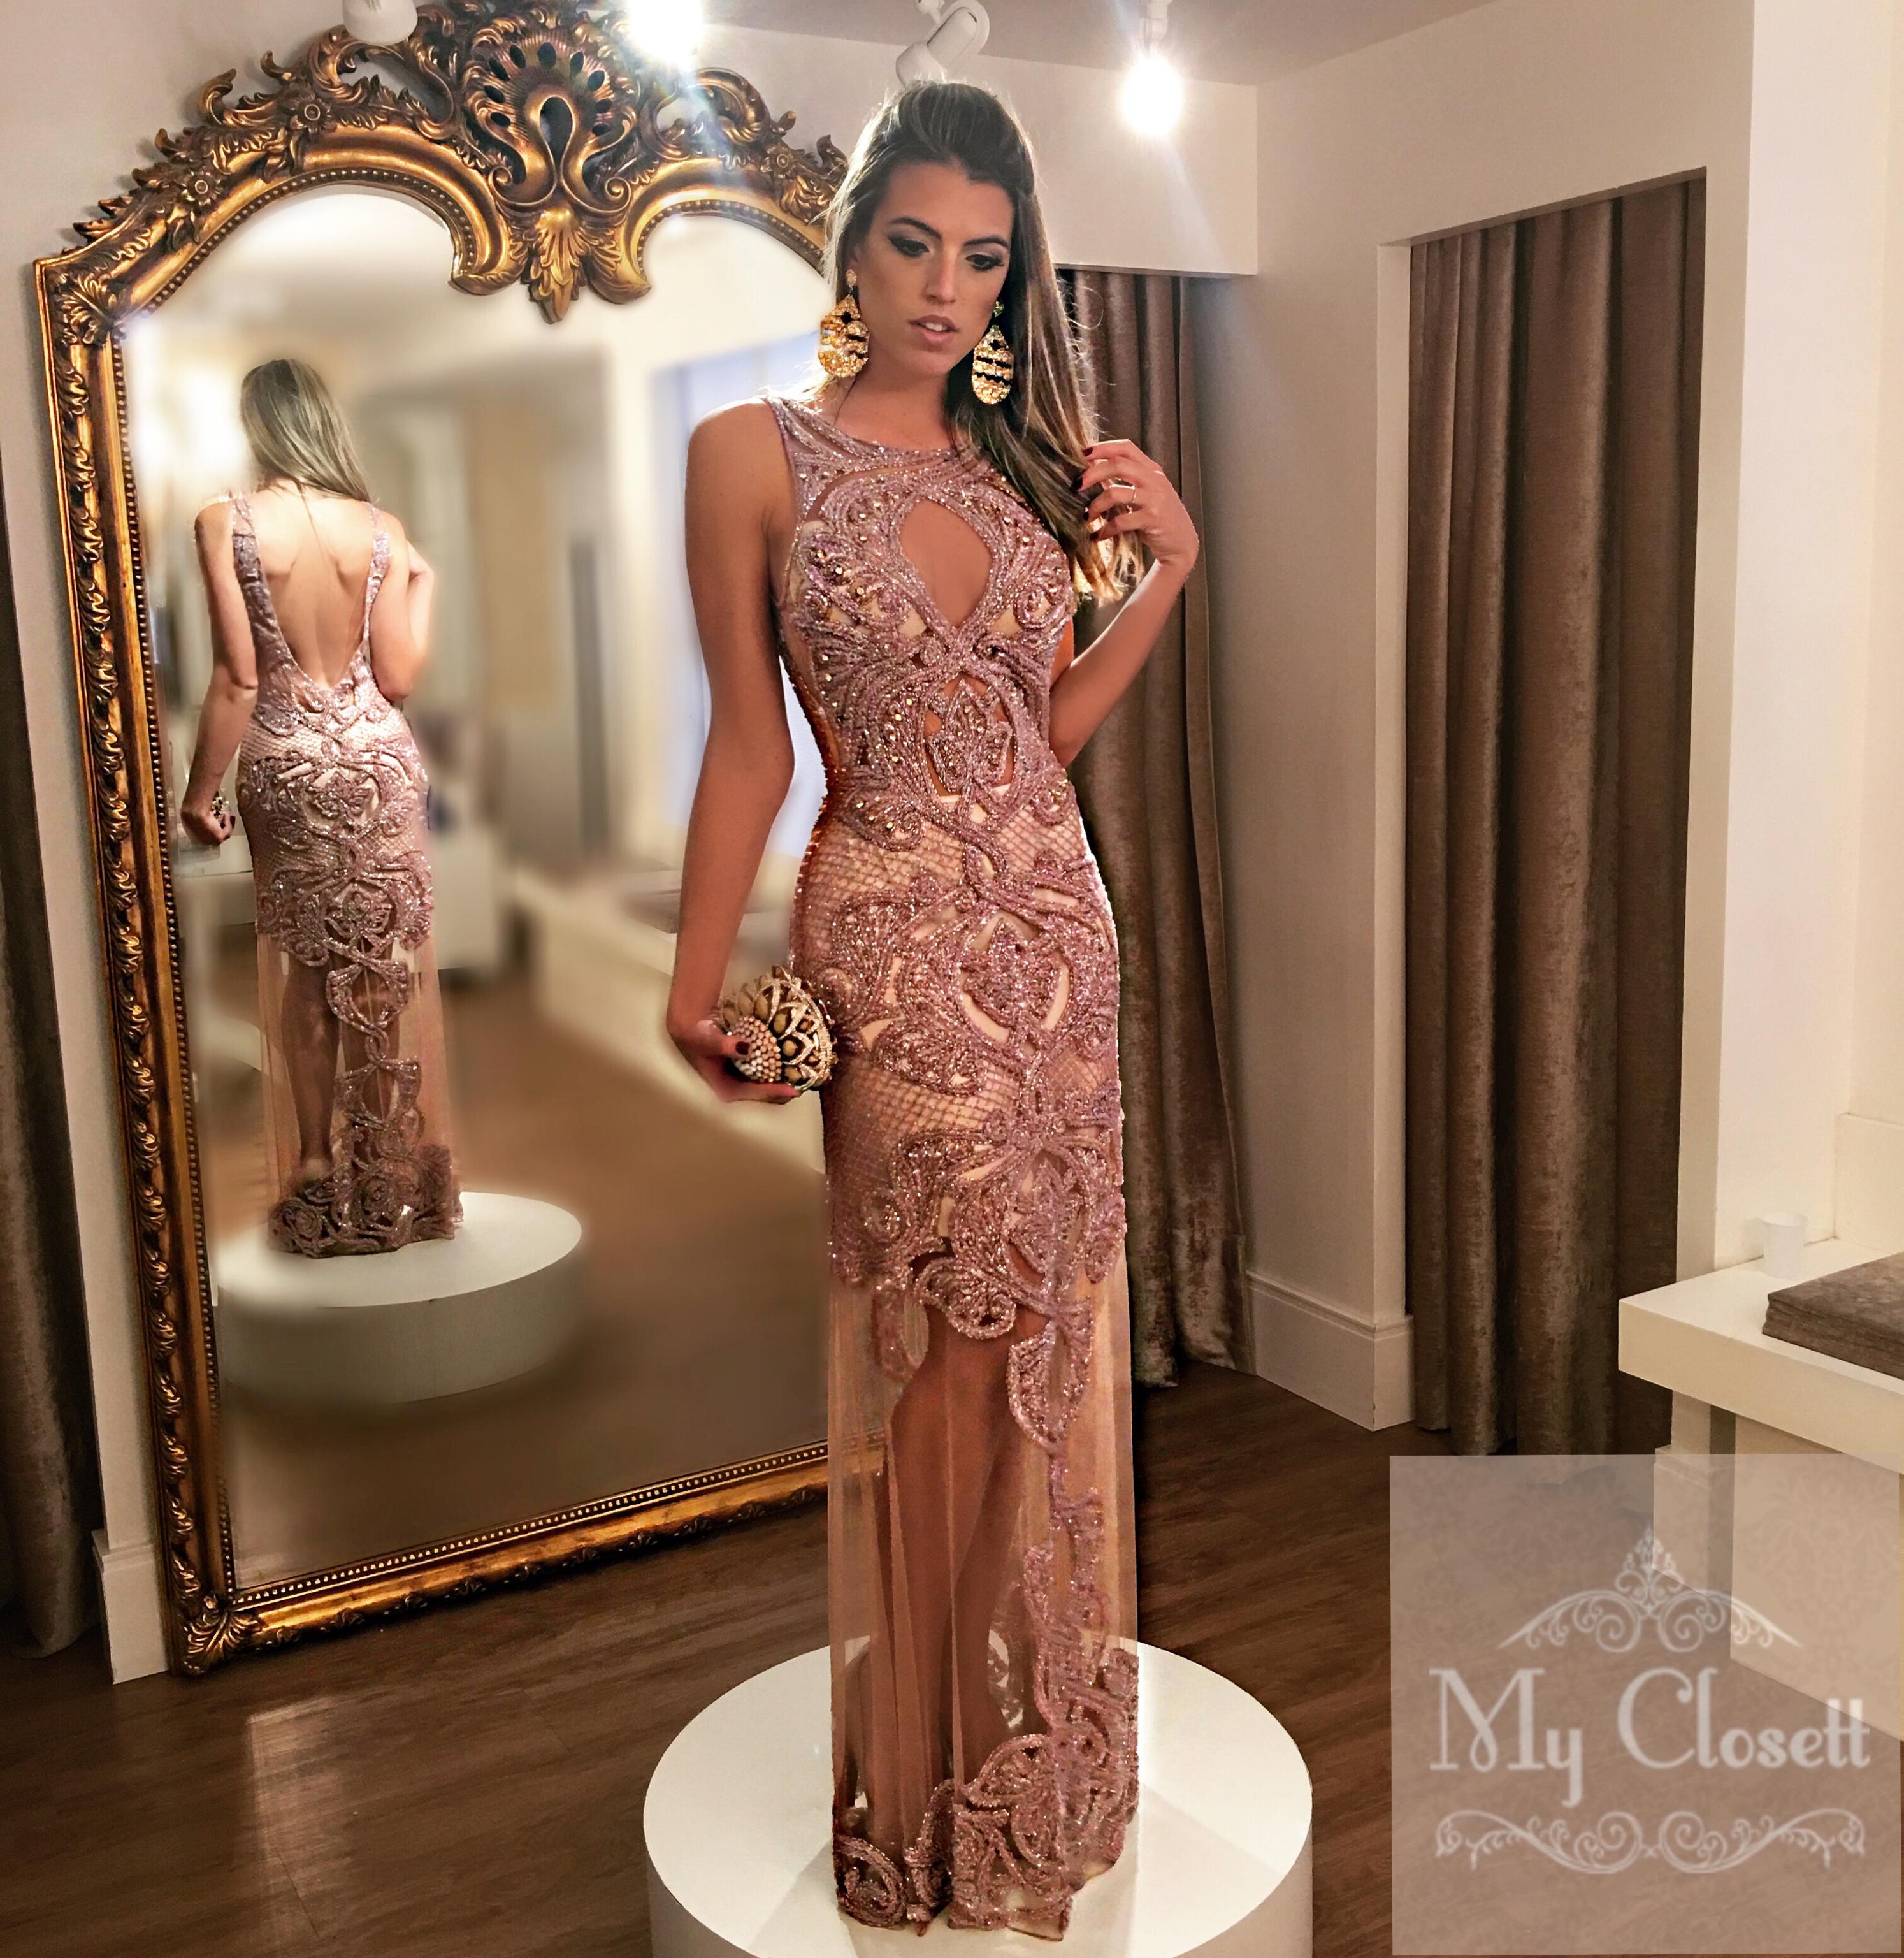 b3b72db0a Vestido de formatura, vestido de pedraria, vestido bordado, Thays Temponi ,  My Closett, aluguel de vestidos